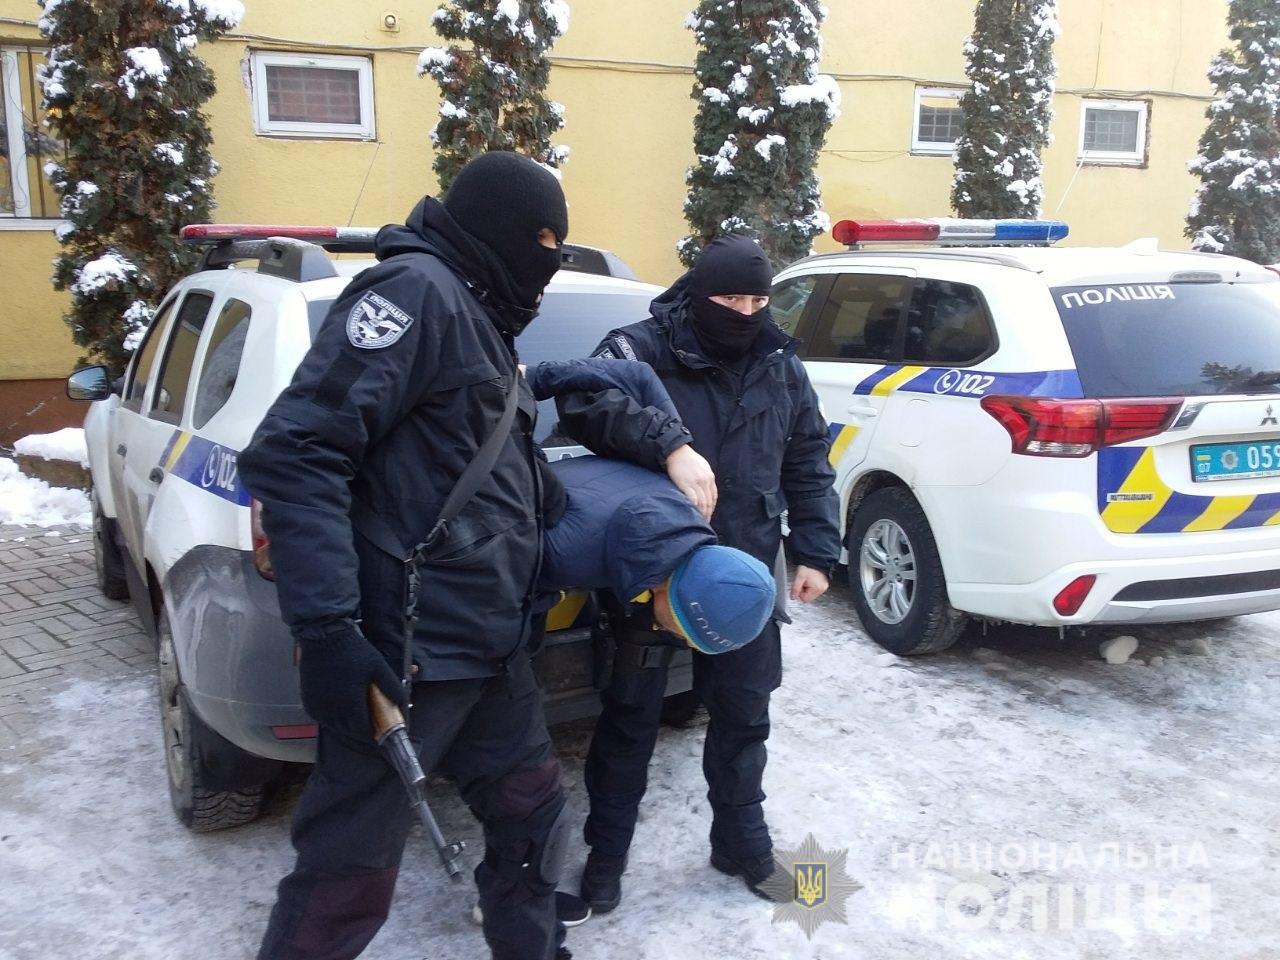 Поліція знайшла у раніше судимого жителя Іршави зброю та наркотики